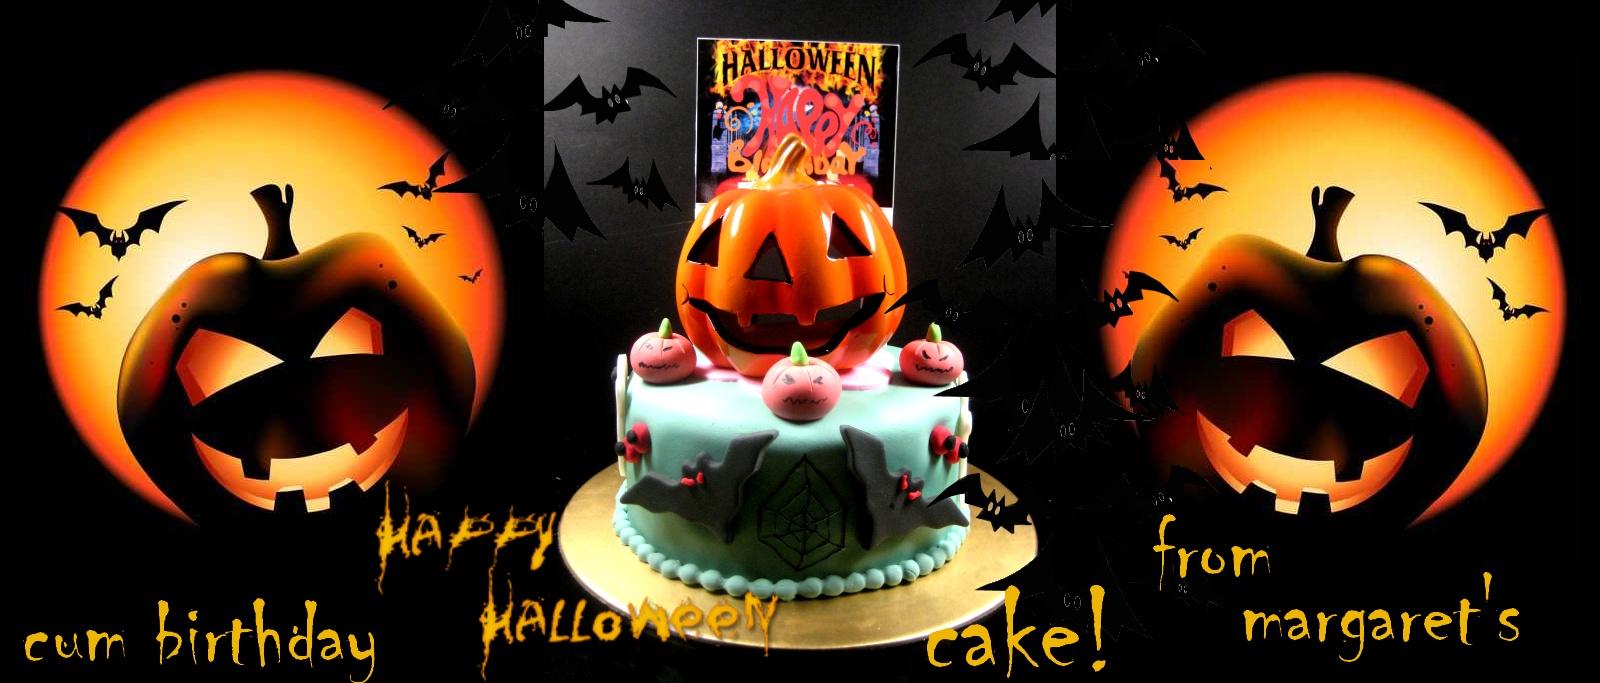 Halloween-Happy-birthday-decorated-cake